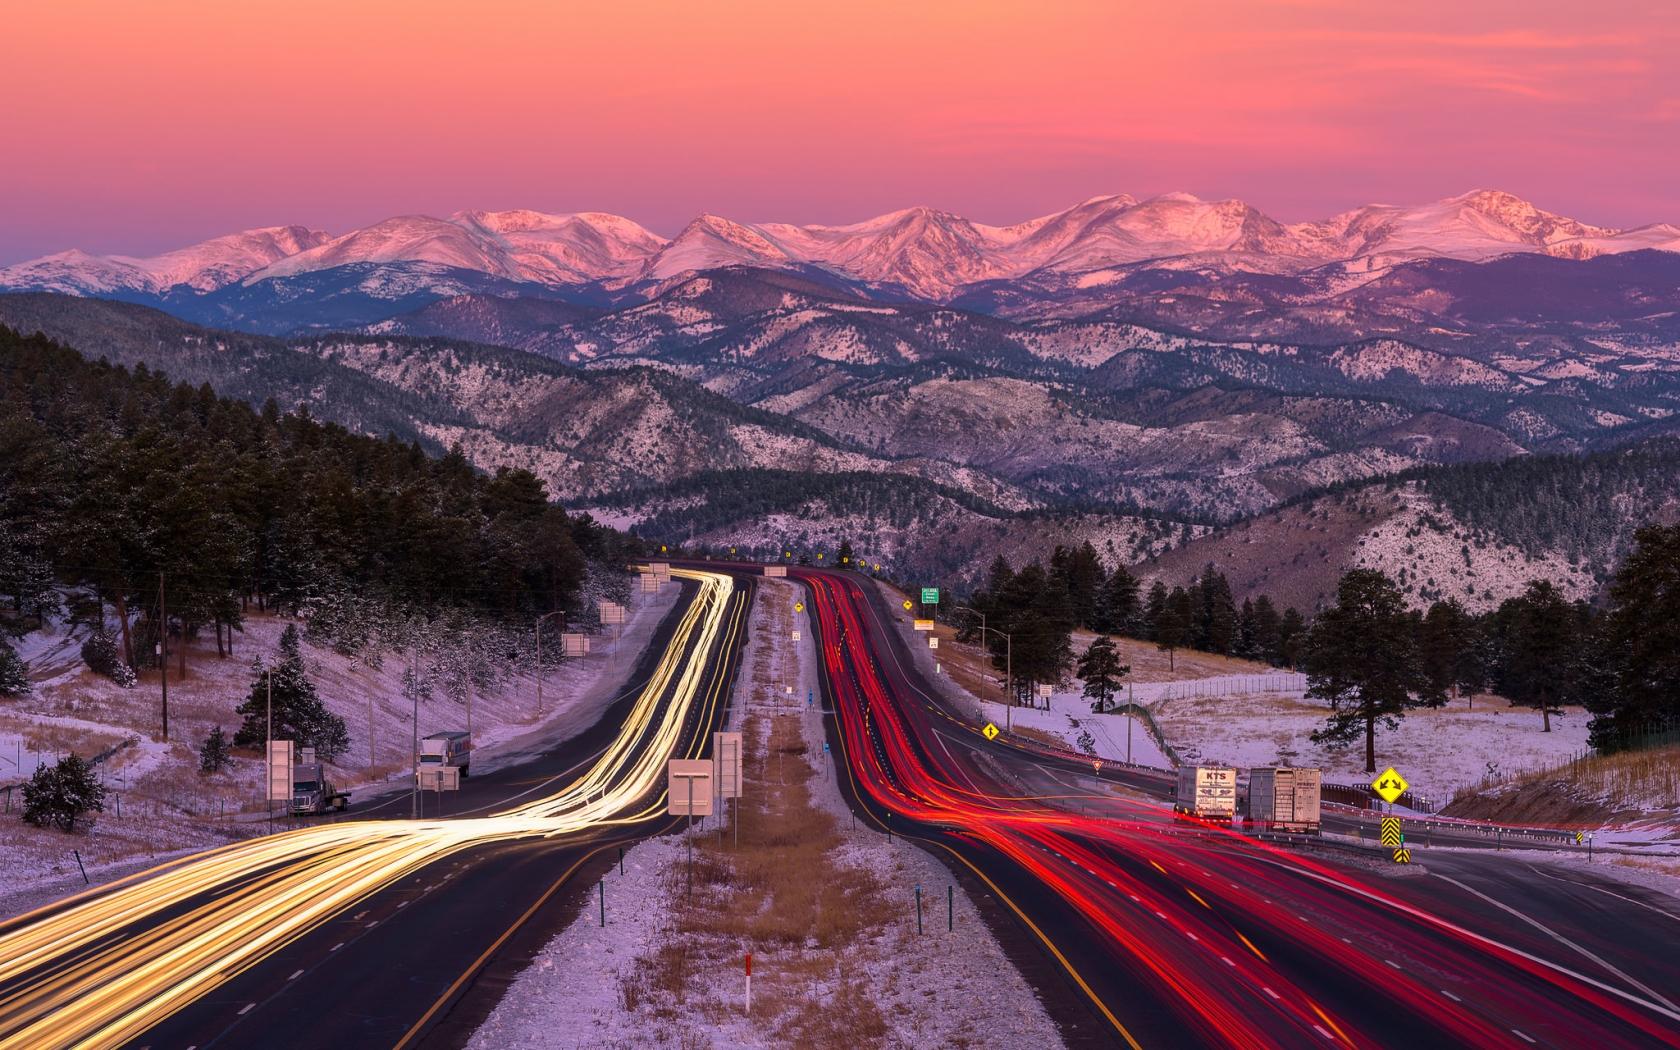 Una bella fotografía en una carretera - 1680x1050